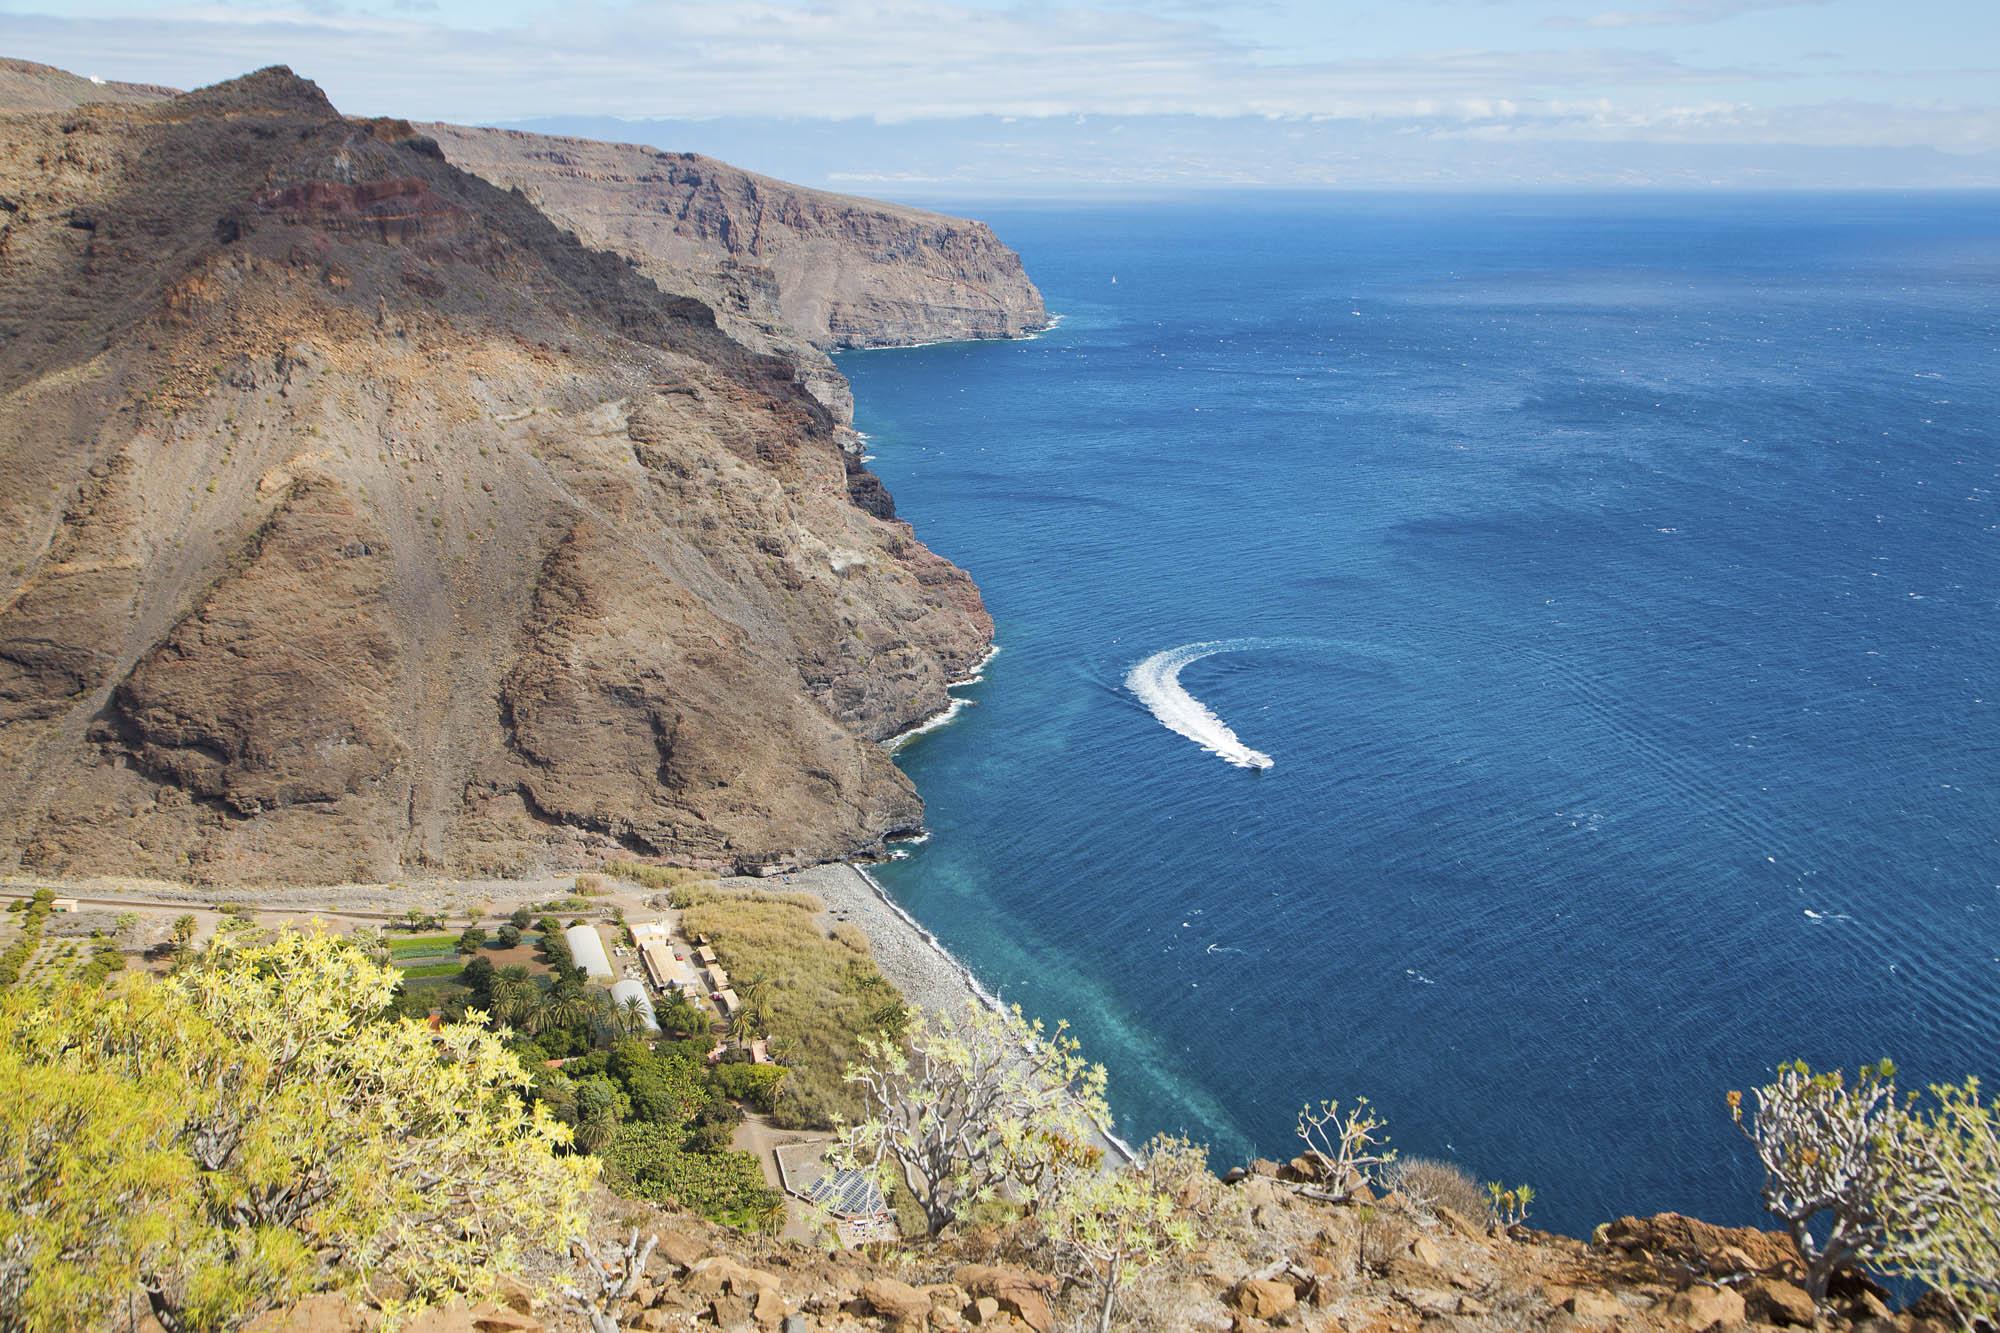 Spanien, Kanarische Inseln, La Gomera, Landhotel & Biohof Hotel El Cabrito. Blick auf die Bucht. Das Landhotel ist nur per Boot oder zu Fuß erreichbar.